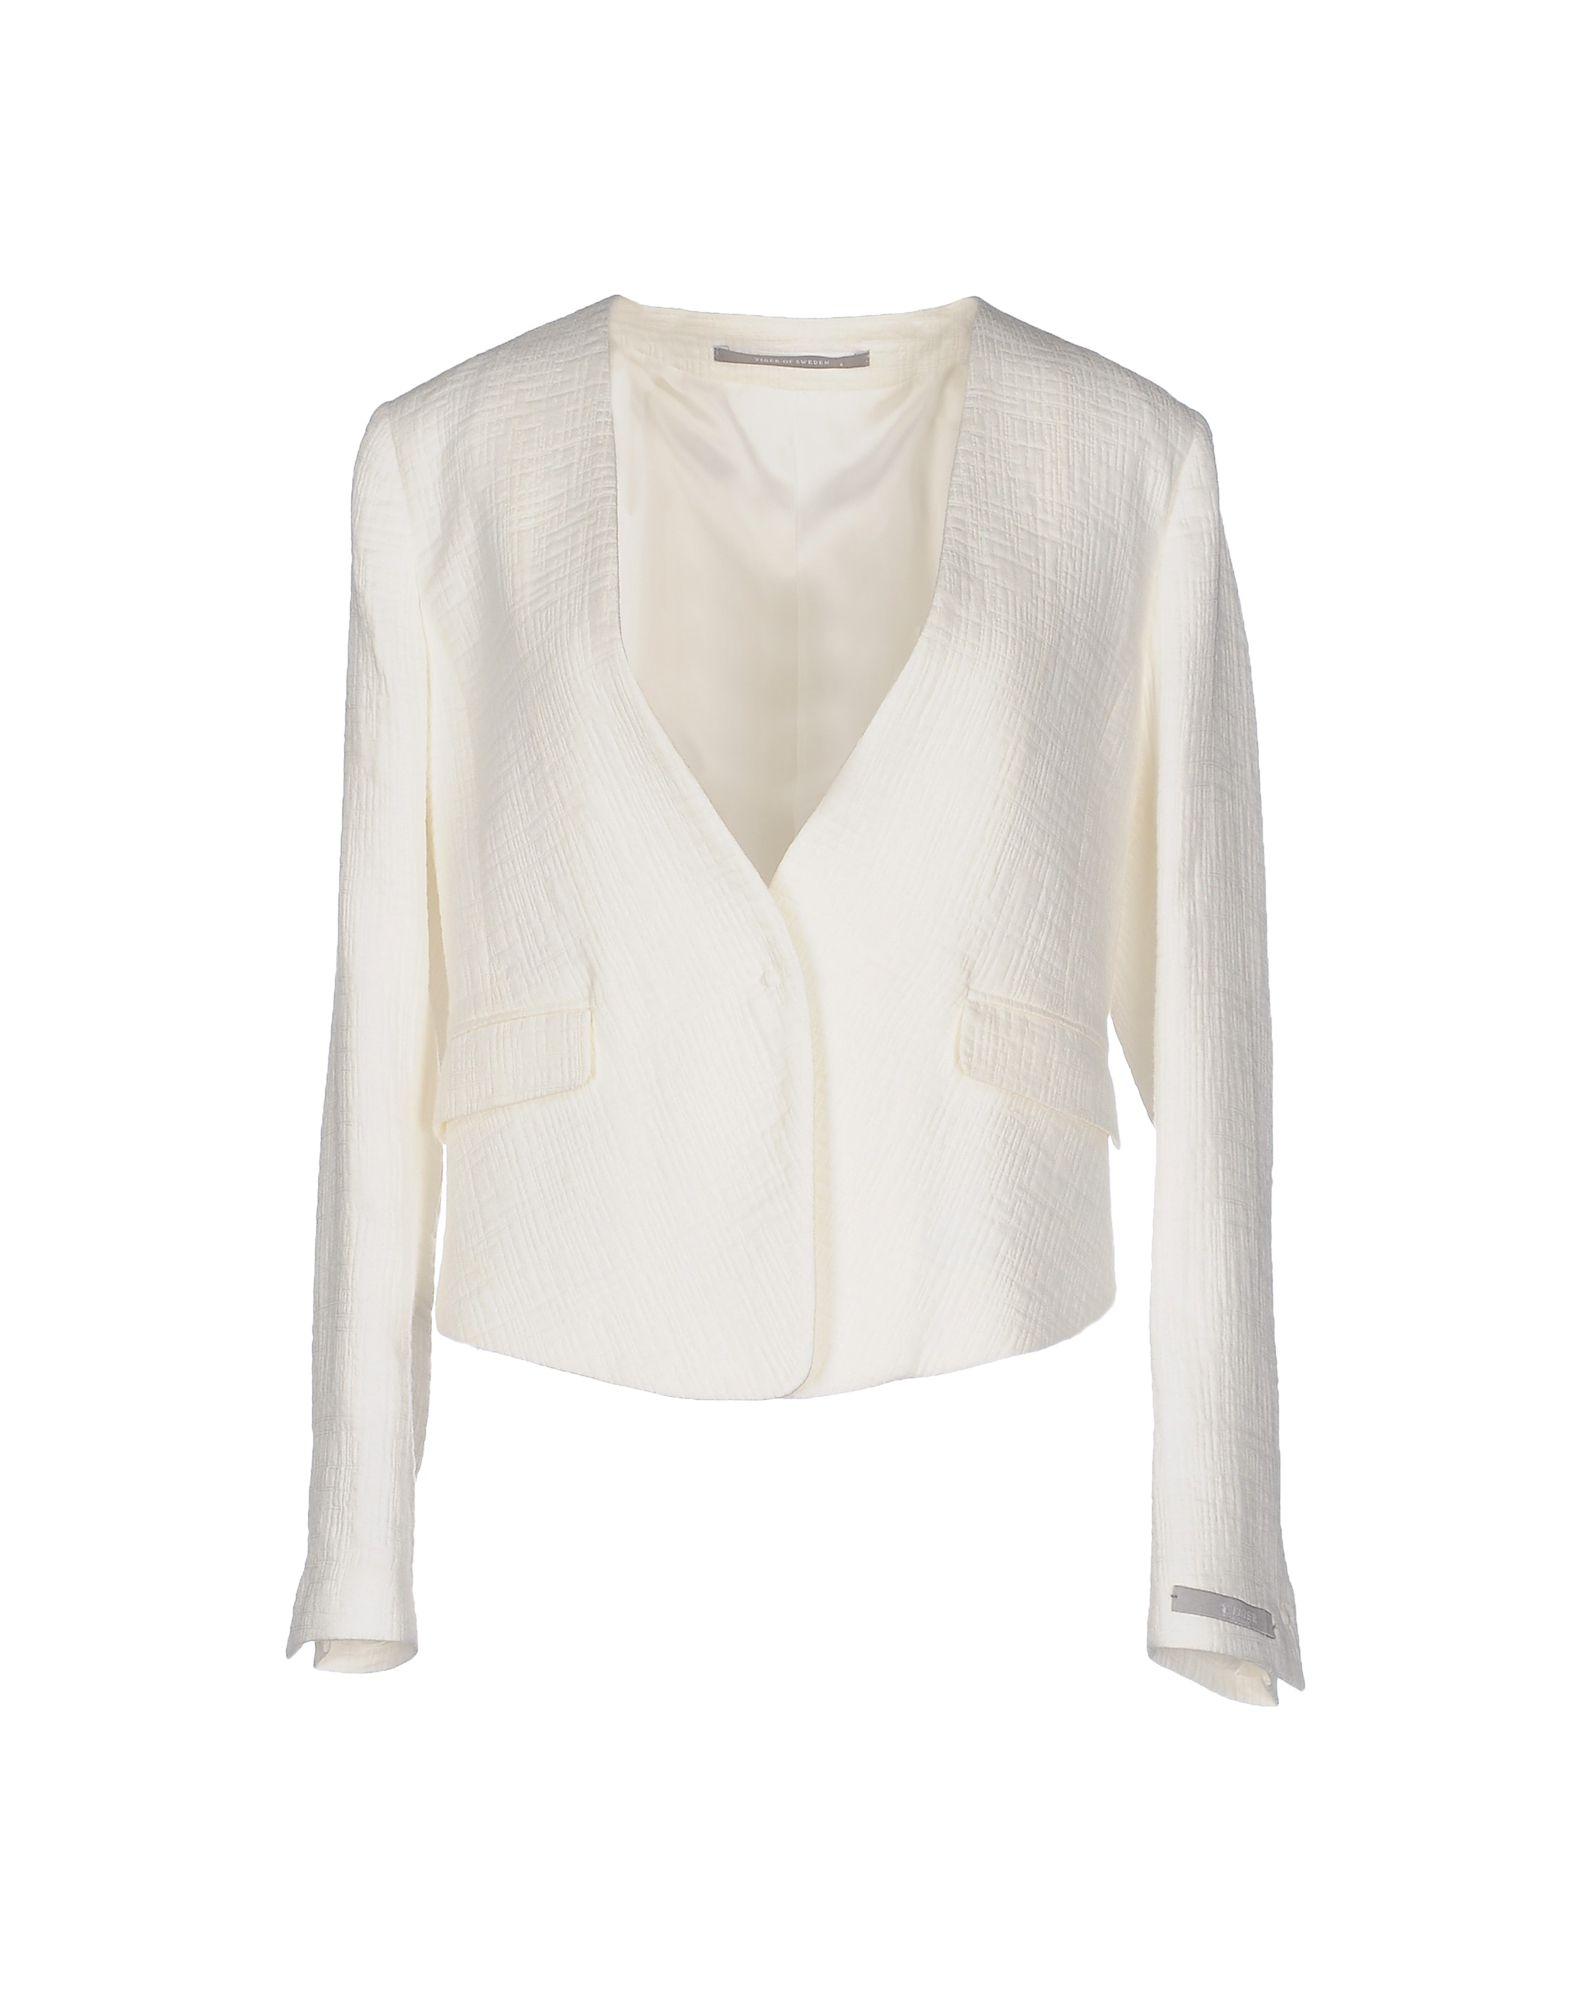 TIGER OF SWEDEN Damen Jackett Farbe Weiß Größe 5